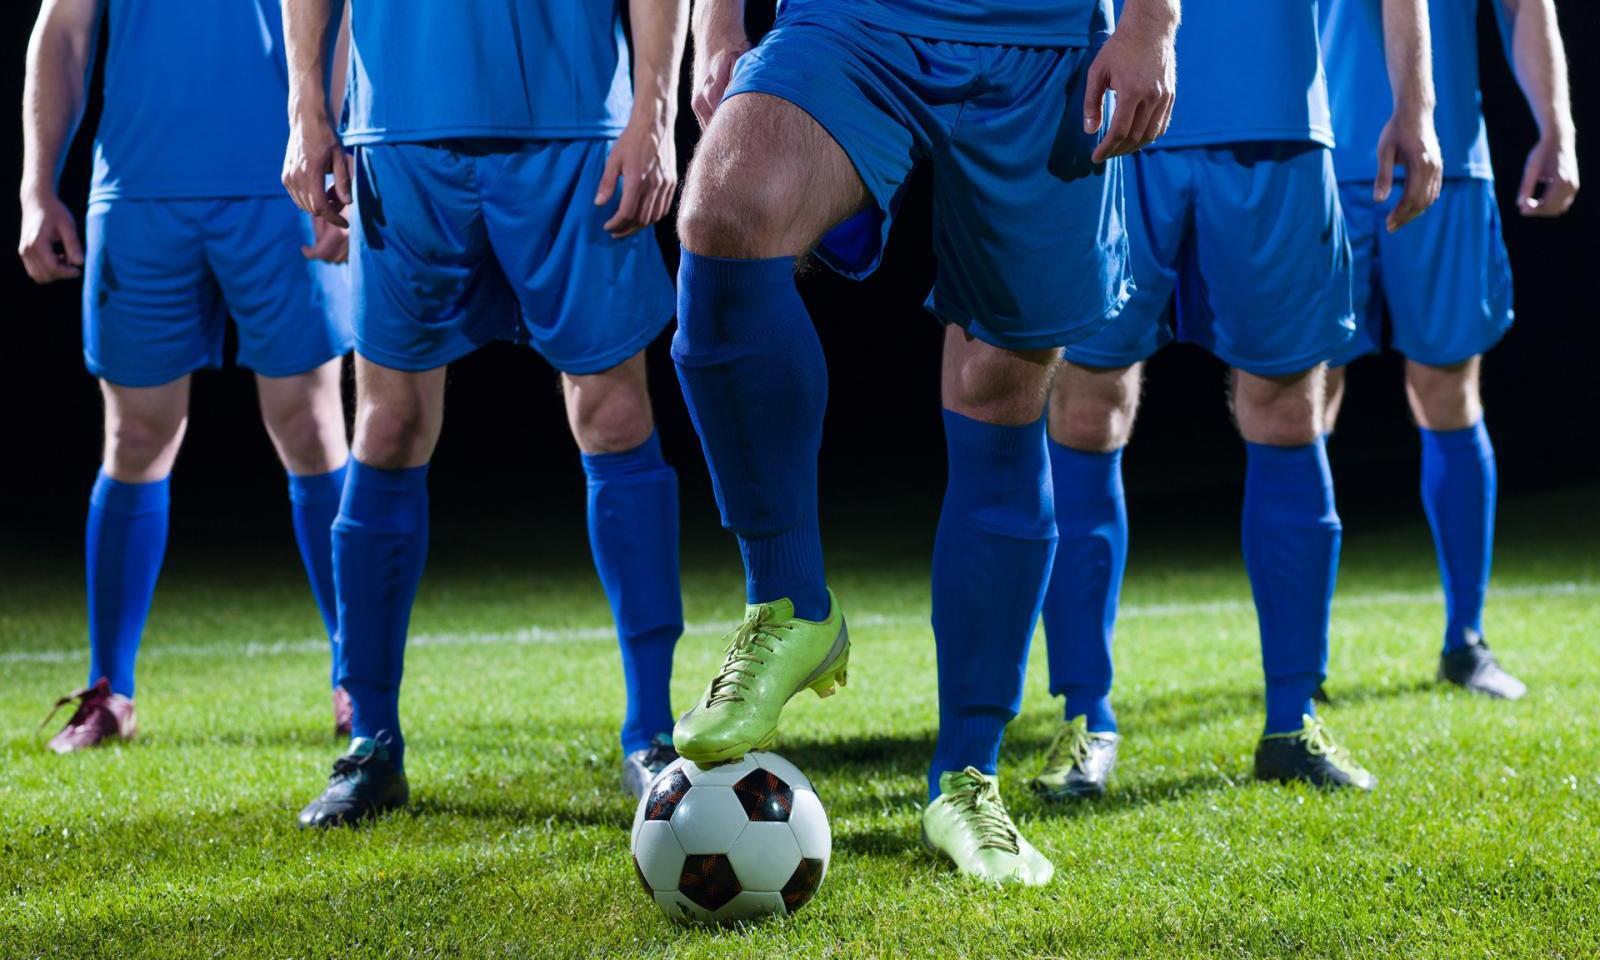 billig für Rabatt Einkaufen verkauf usa online teamsport